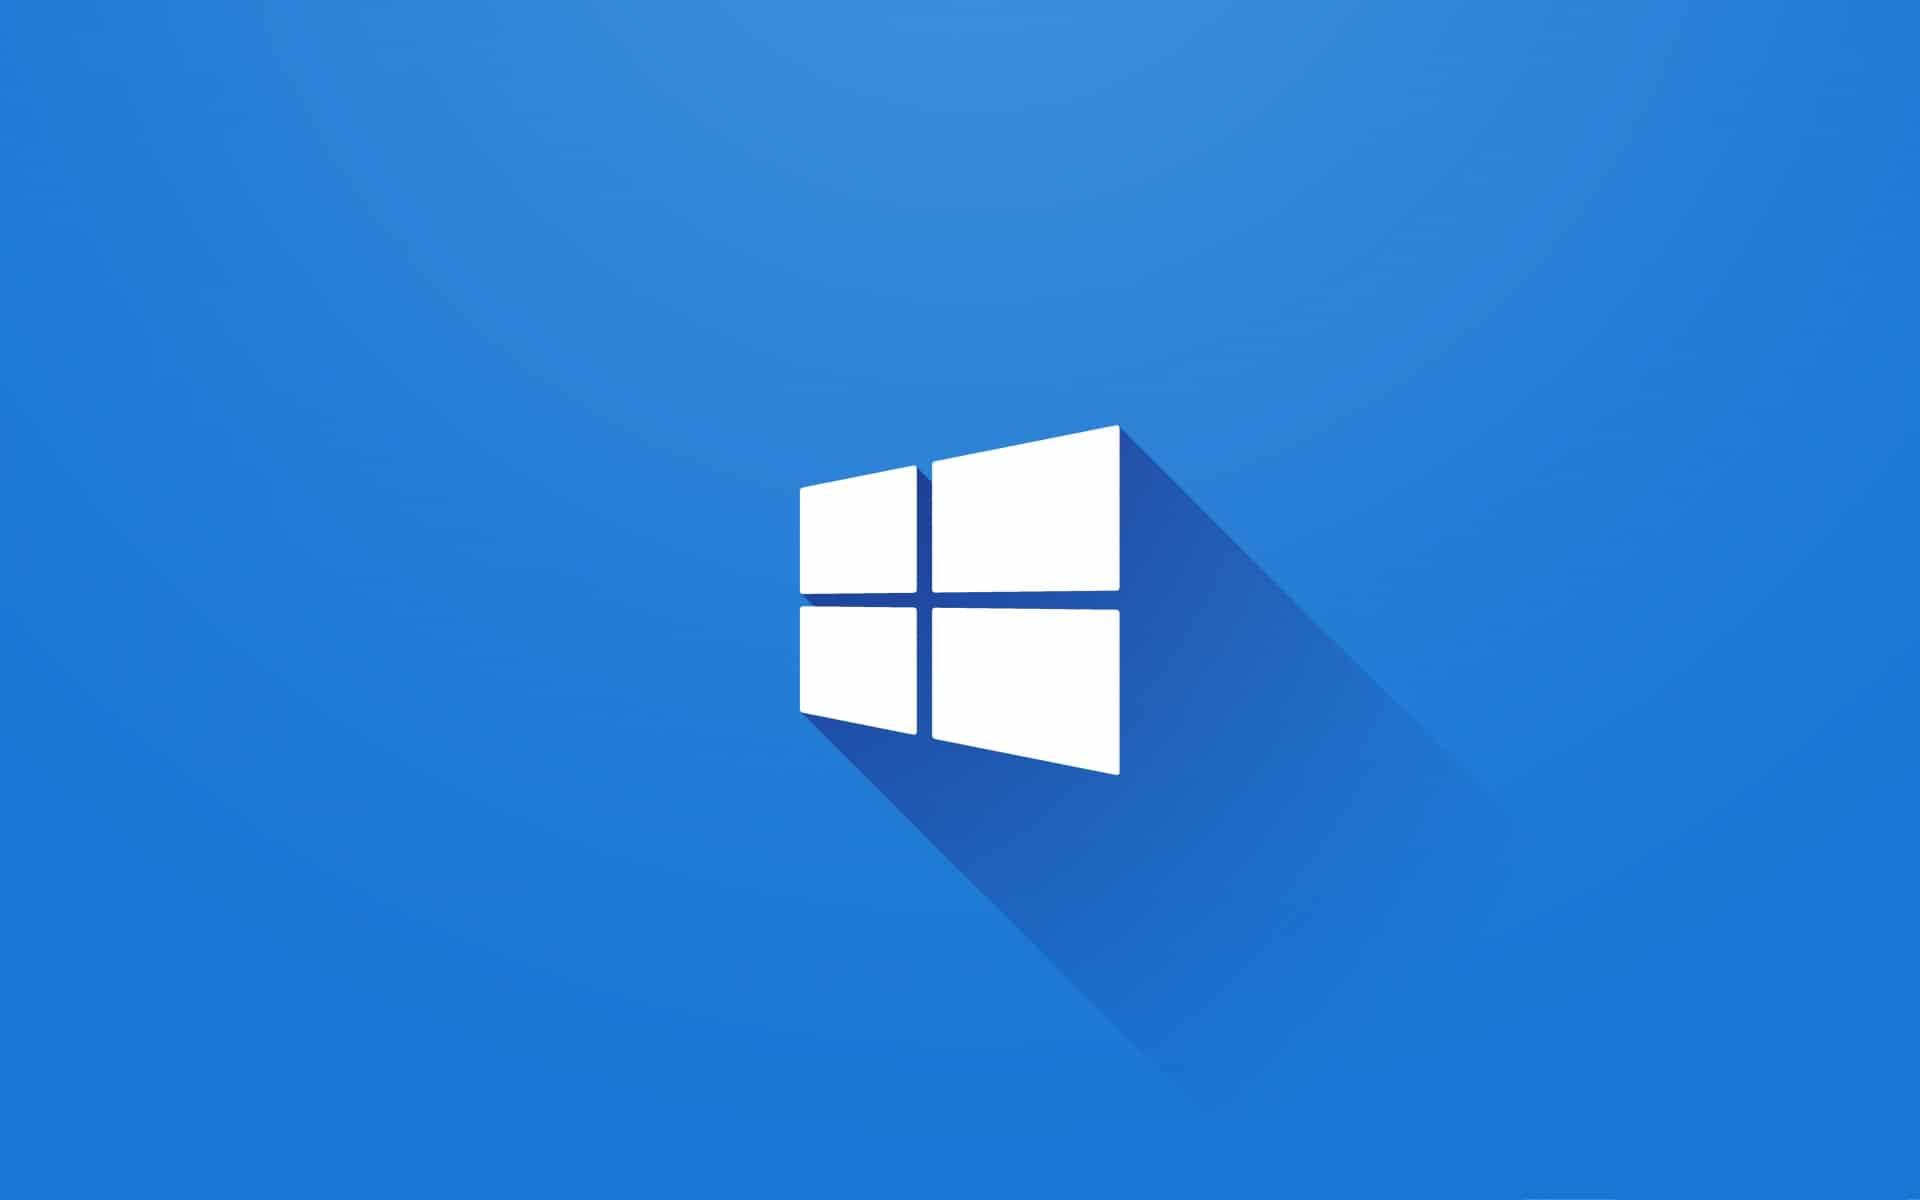 Windows 10 : les dernières mises à jour entraînent une surexploitation du processeur